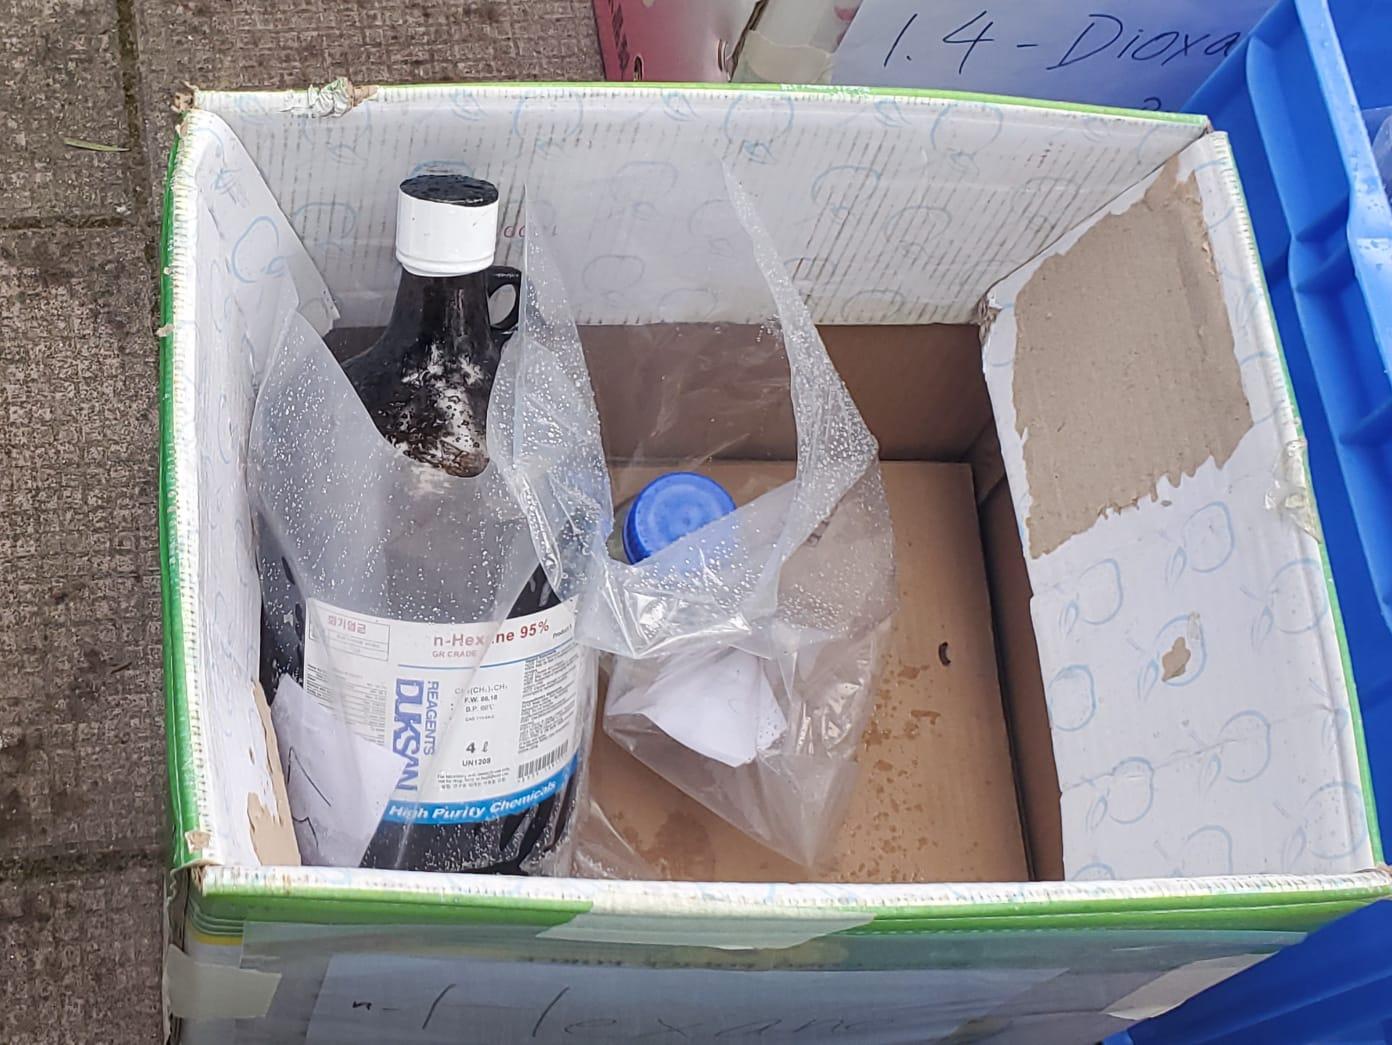 城门水塘山坡检59樽化学品可制镪水弹 警:或涉中大实验室失窃